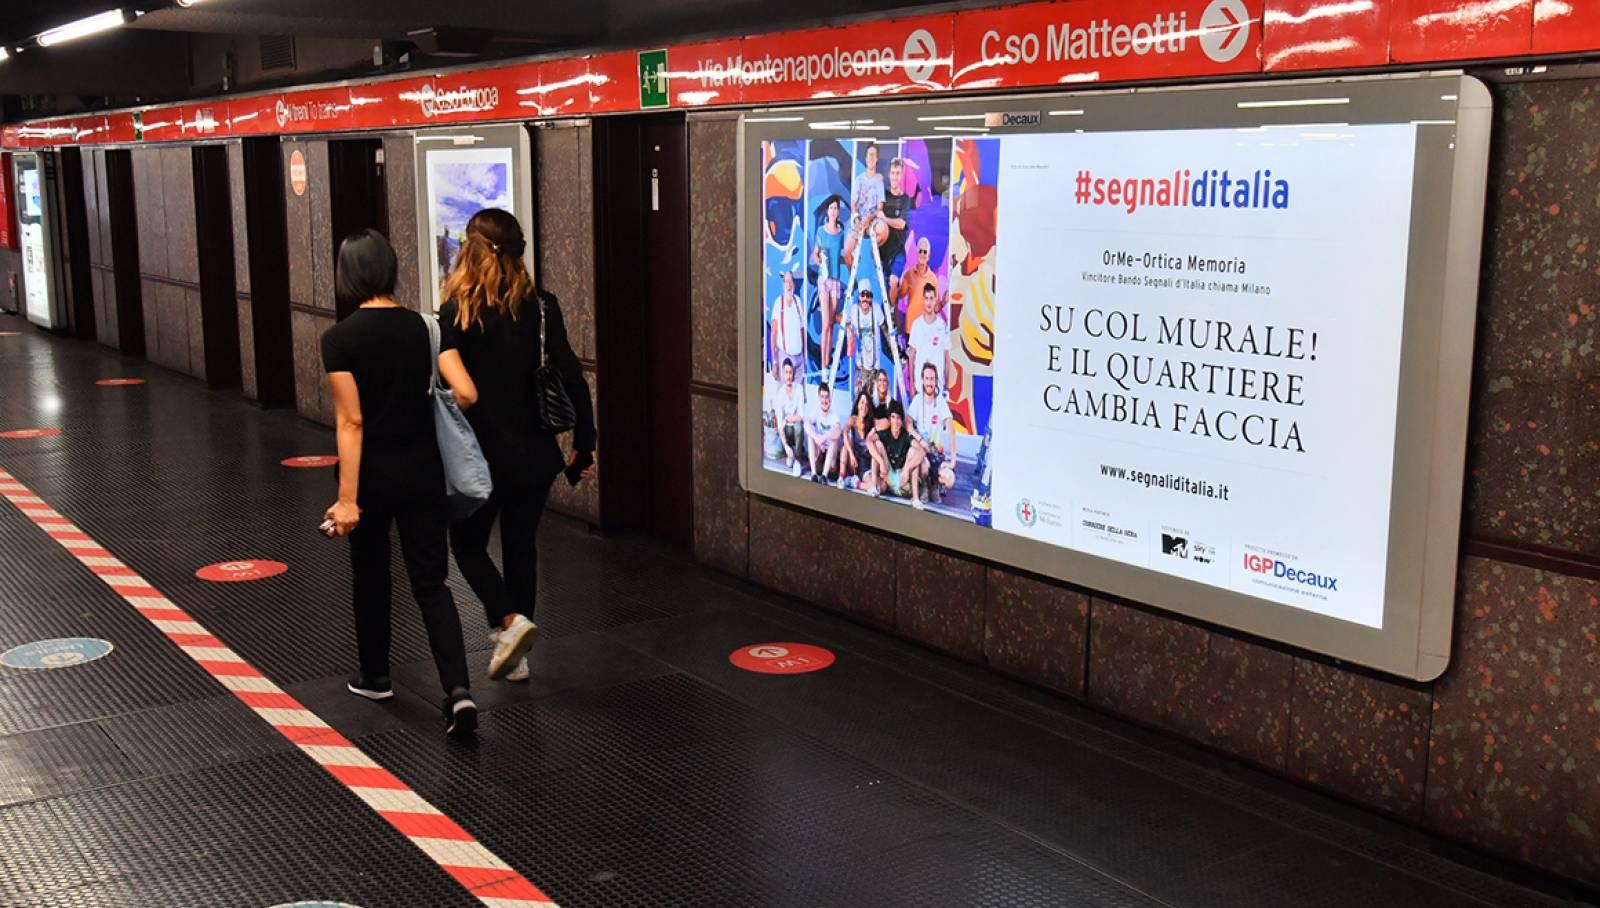 Pubblicità OOH a MIlano in metropolitana circuito Maxi per Segnali d'Italia progetto OrMe Ortica Memoria